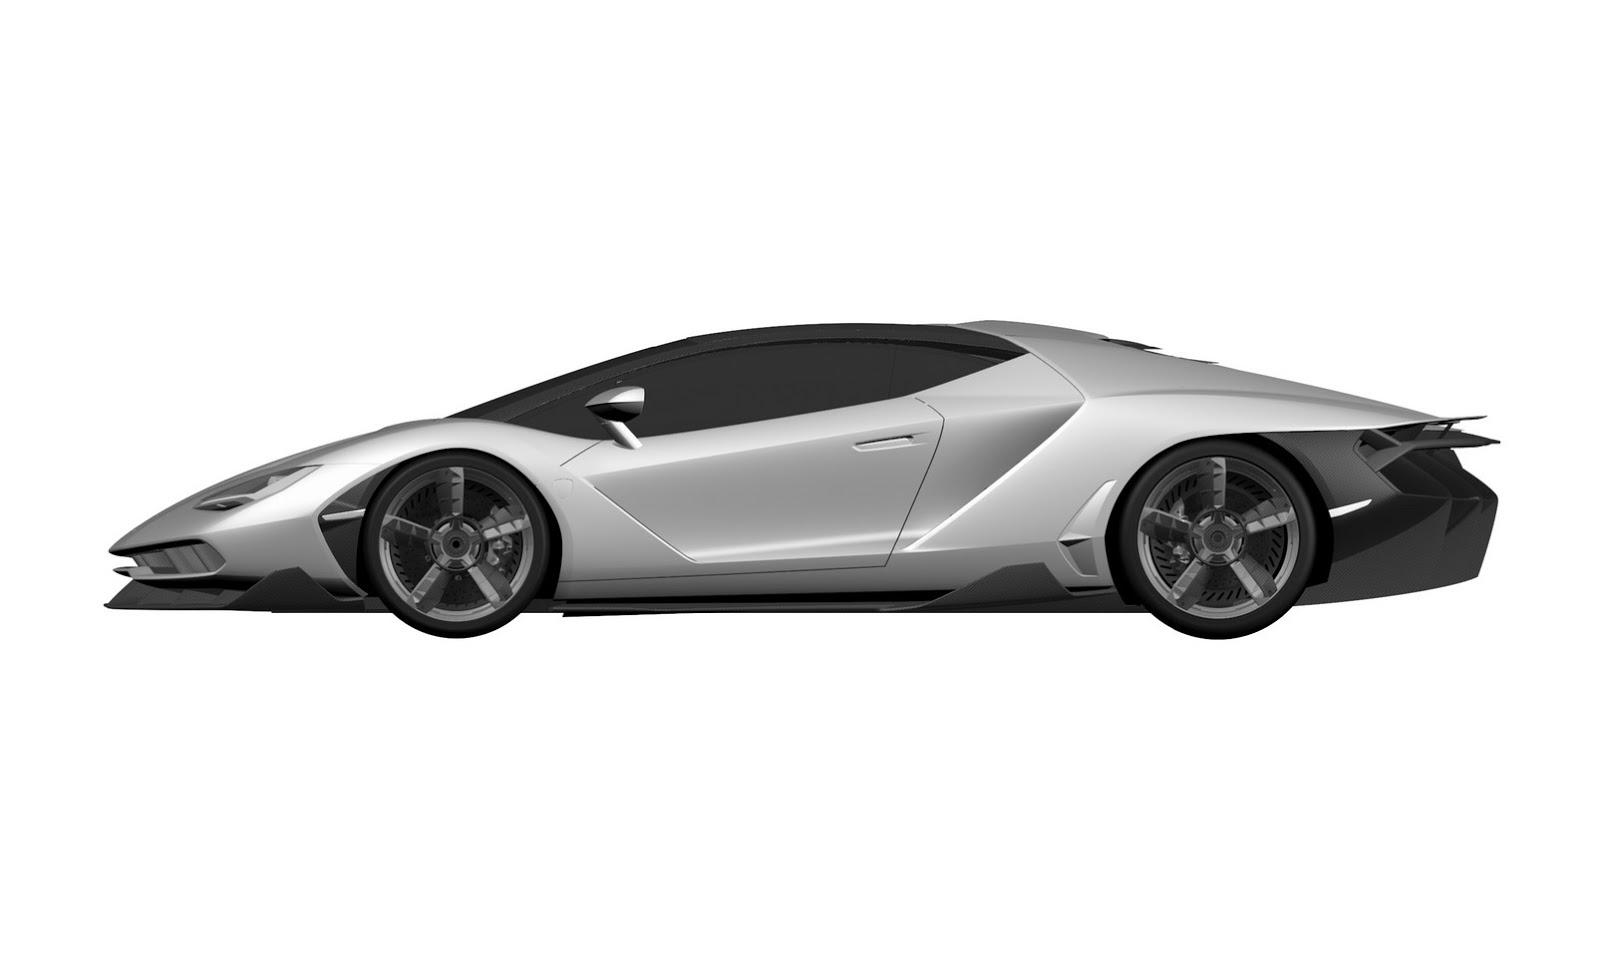 Lamborghini Centenario Lp 770 4 Leaked Looks Like A Futuristic